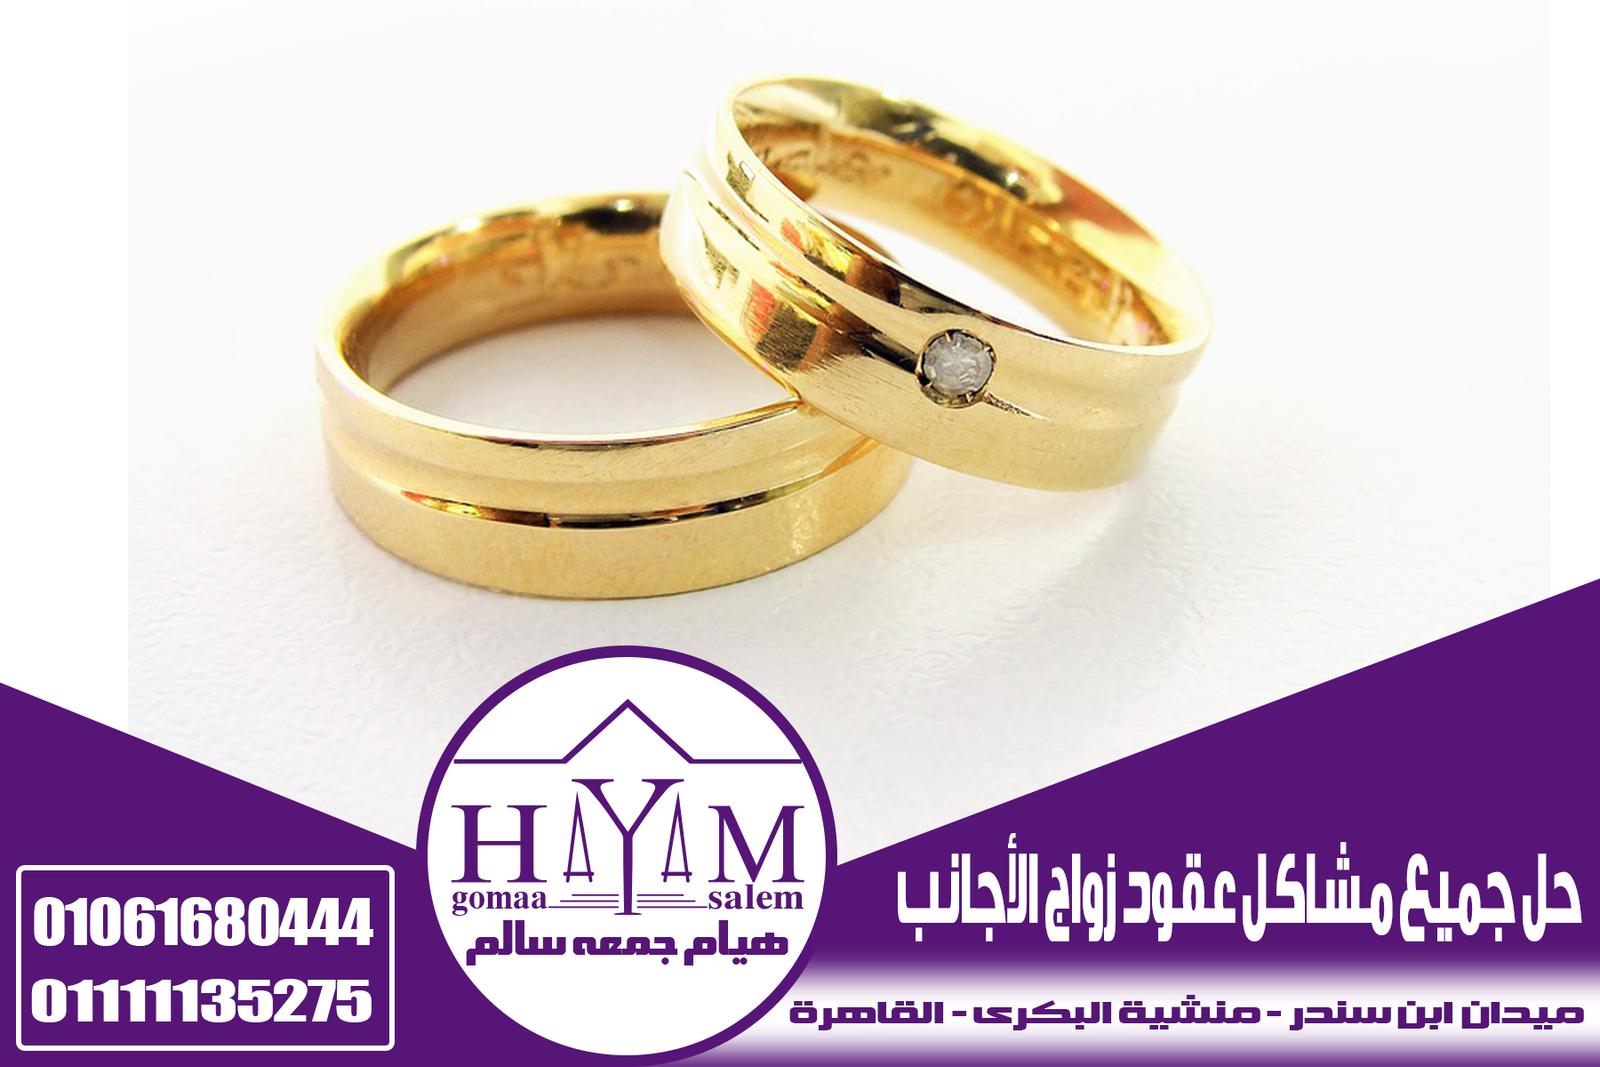 زواج الاجانب في مصر المحامية هيام جمعه سالم 01061680444 – اهم الشروط لتوثيق عقود الزواج من الأجانب.. تعرف عليها